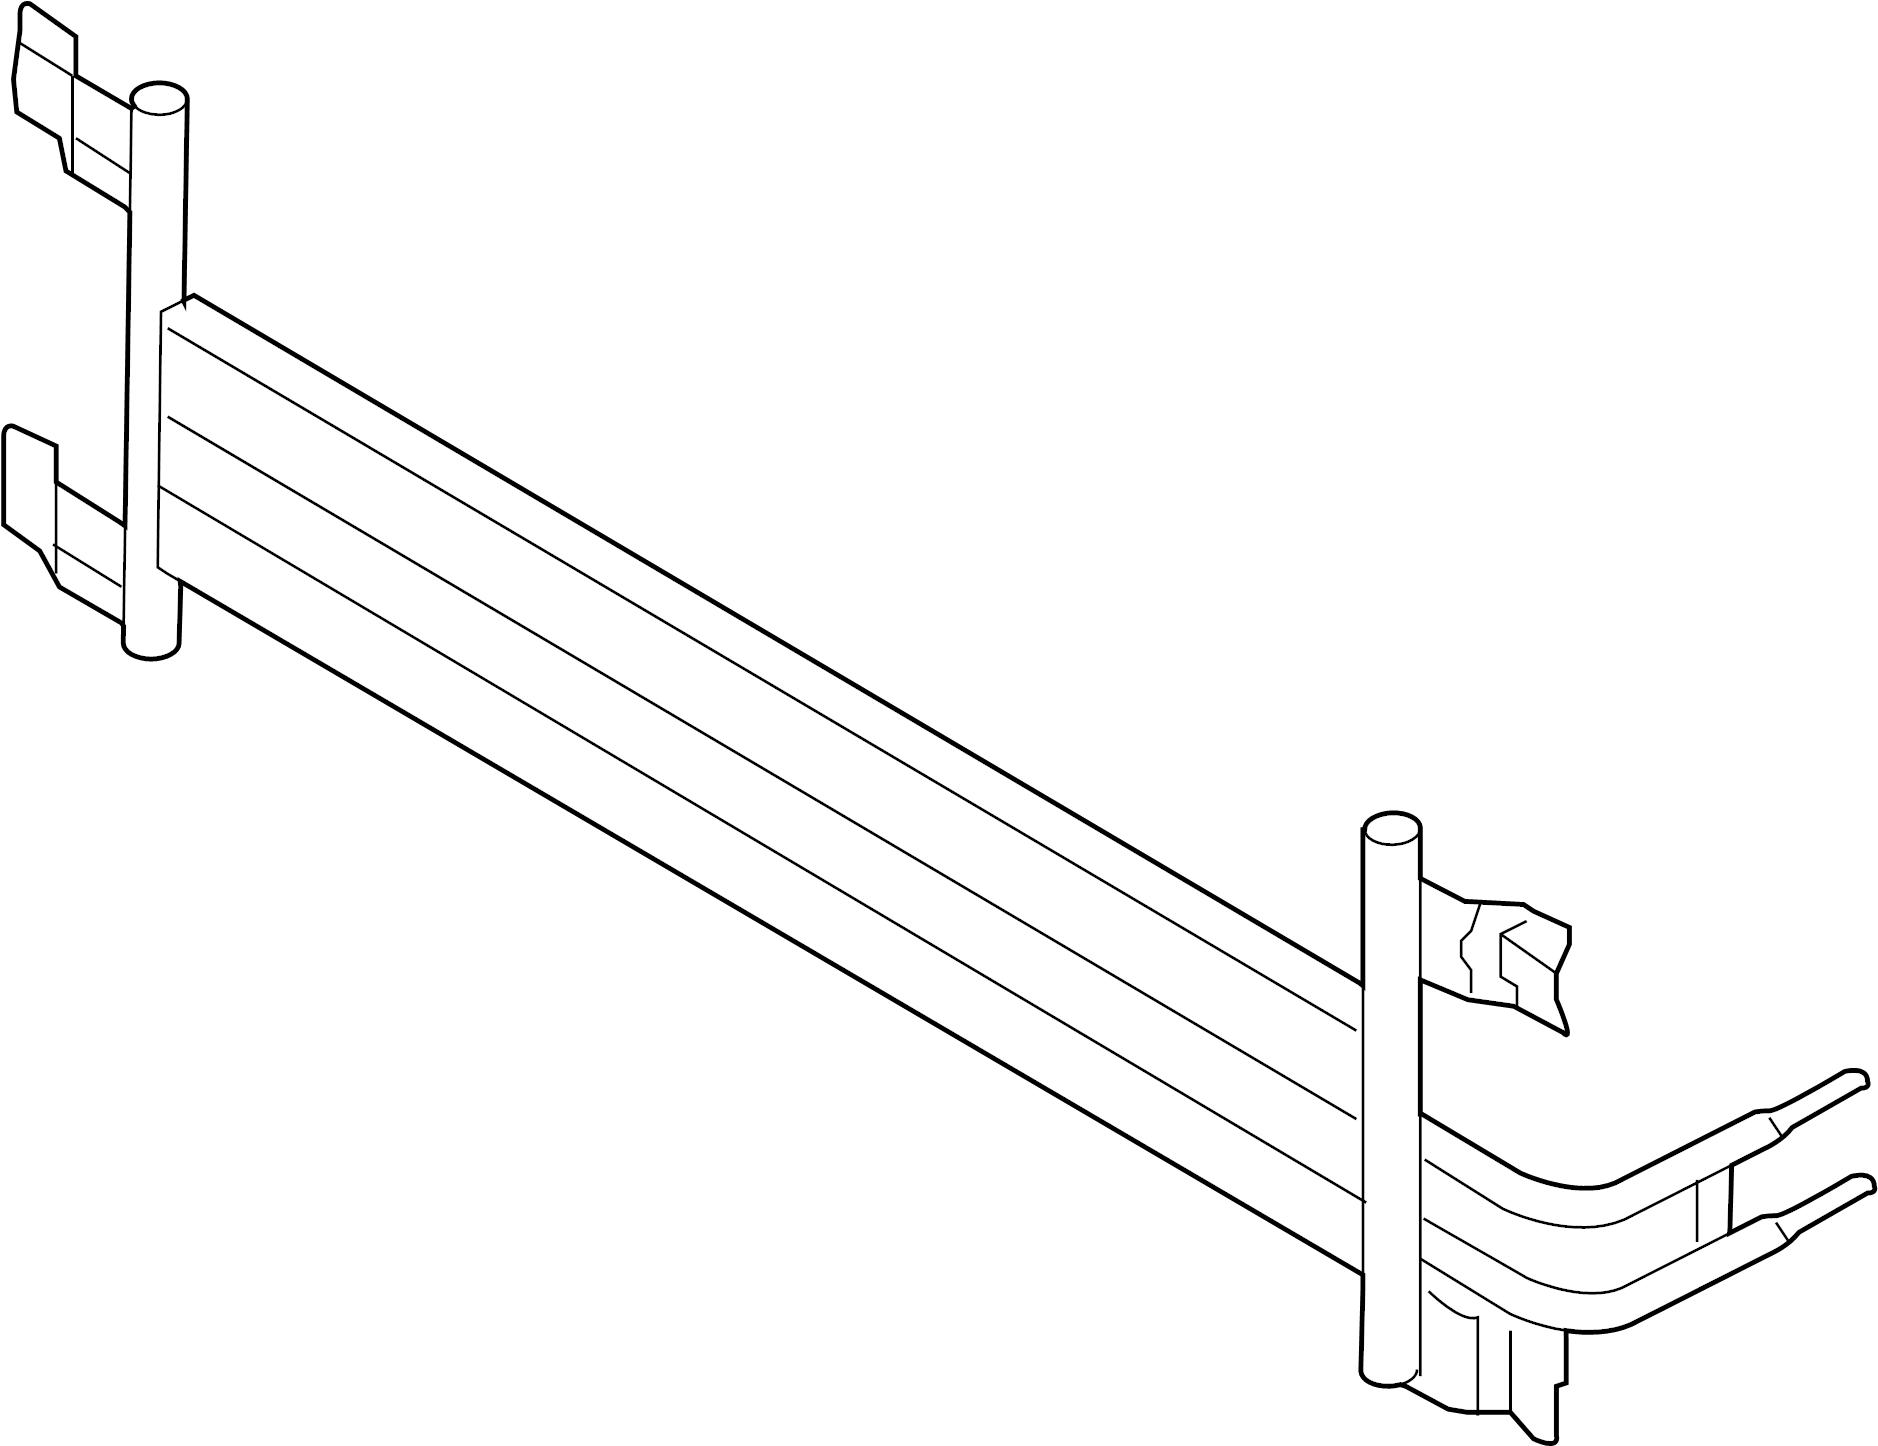 ford five hundred oem parts diagram